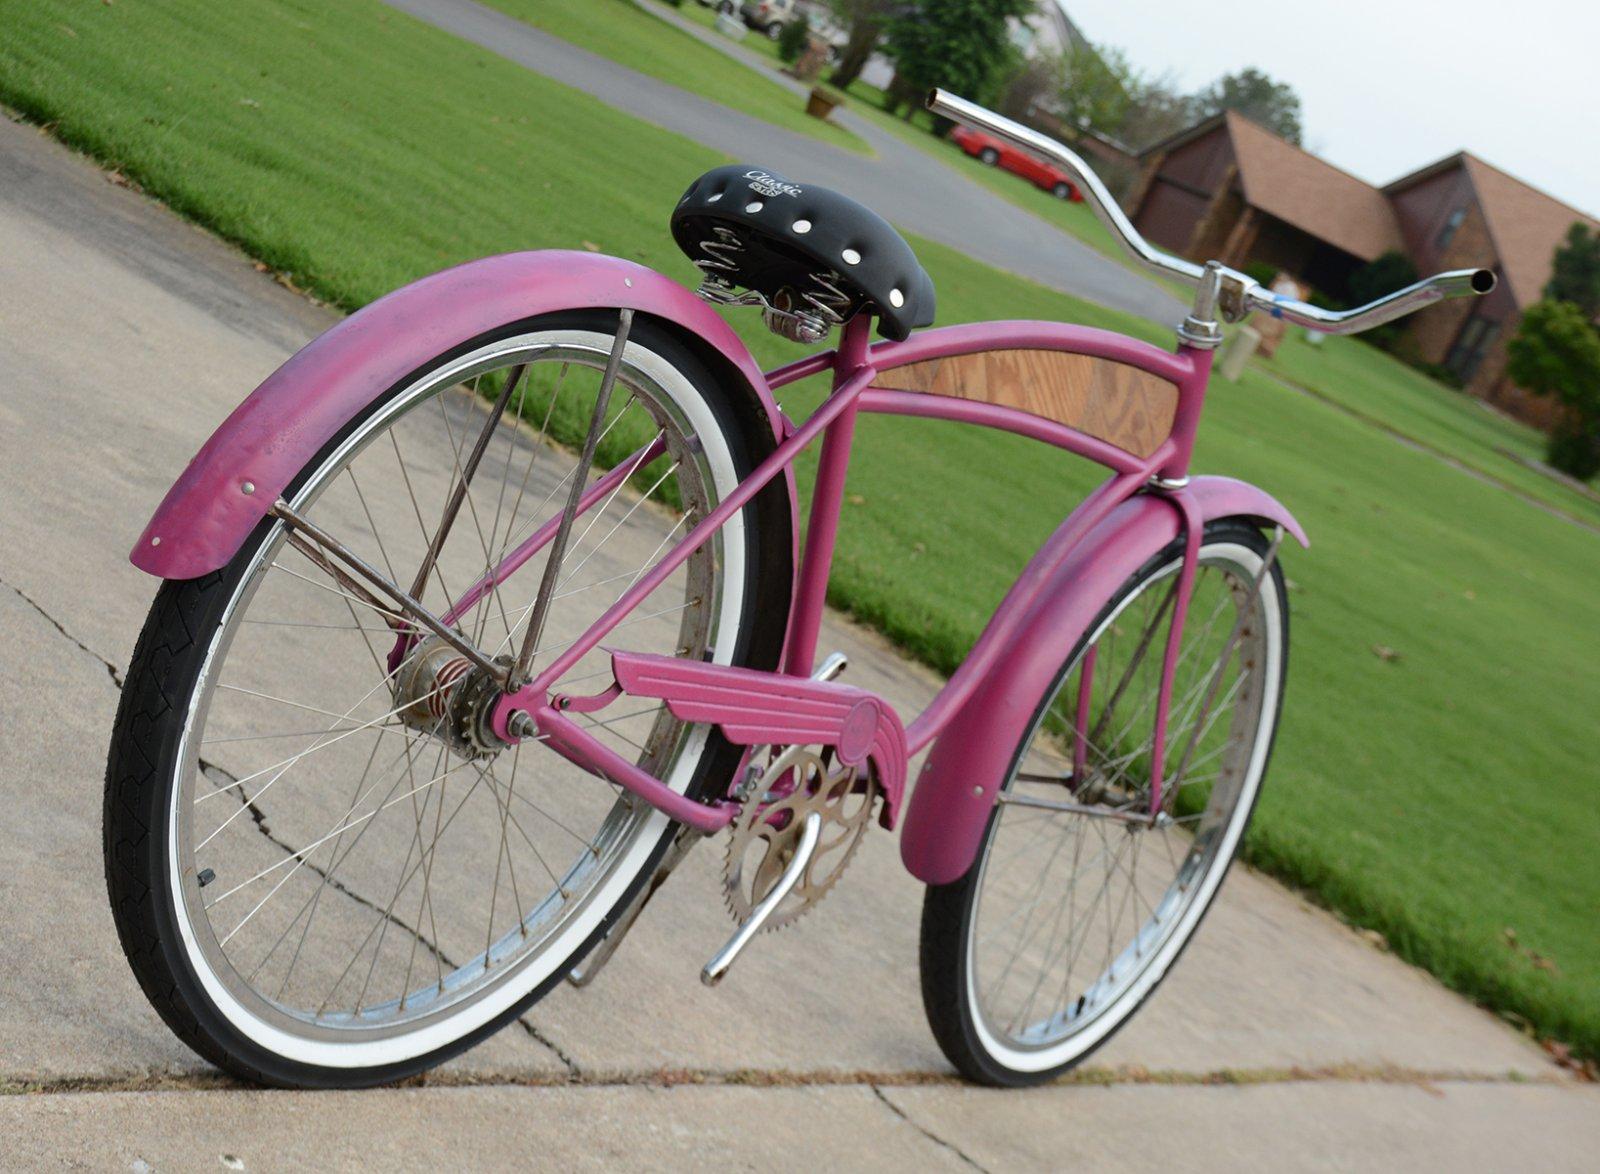 bftd_schwinn_dixie_rrbbo_chrome_wheels_4-jpg.jpg